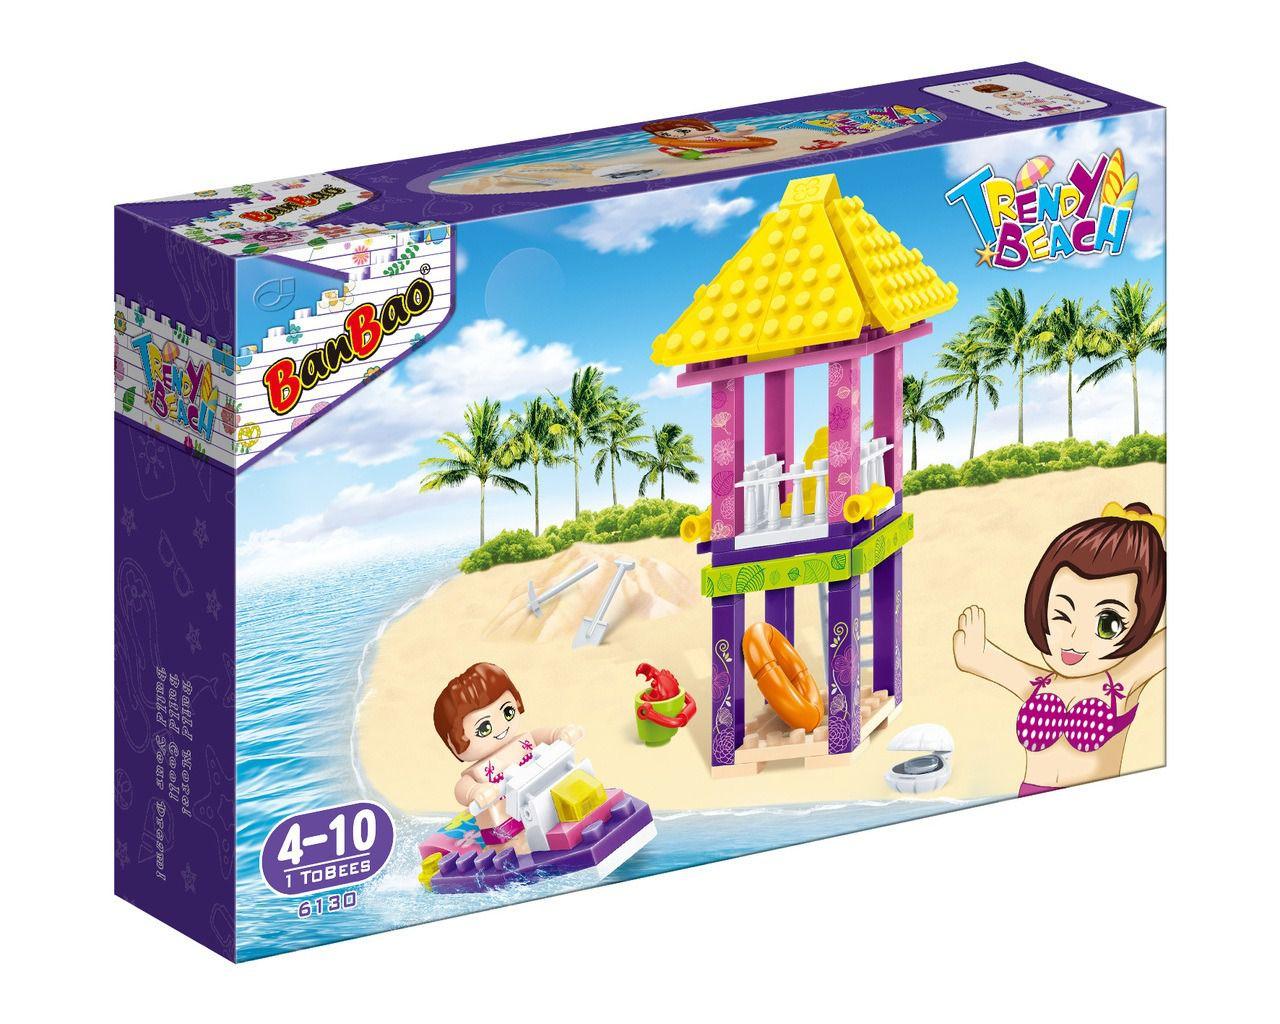 Torre Salva Vidas - Blocos Coloridos - Trendy Beach - 101 peças - Banbao